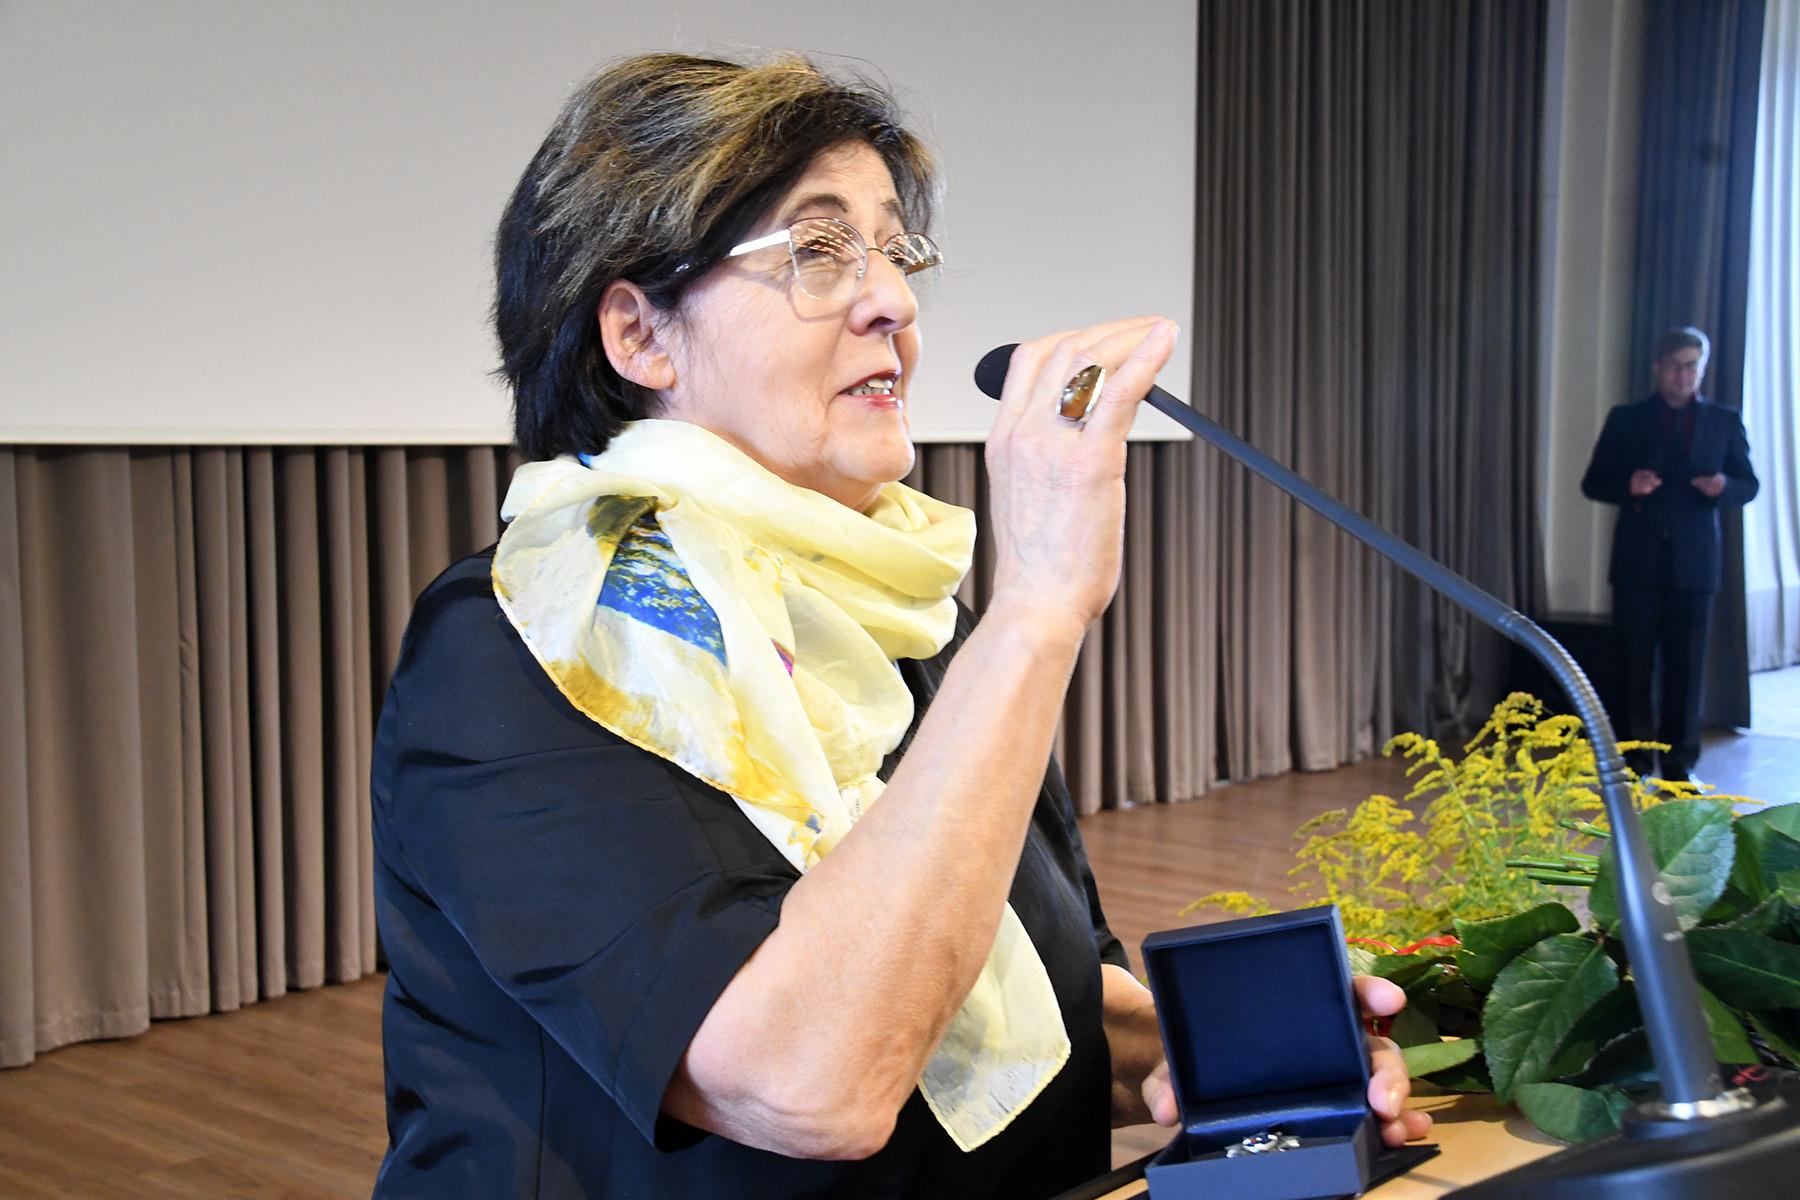 Mari Suurväli, TÜ Pärnu kolledži projektijuht ja Kemihaka juhendaja. Foto: Urmas Saard